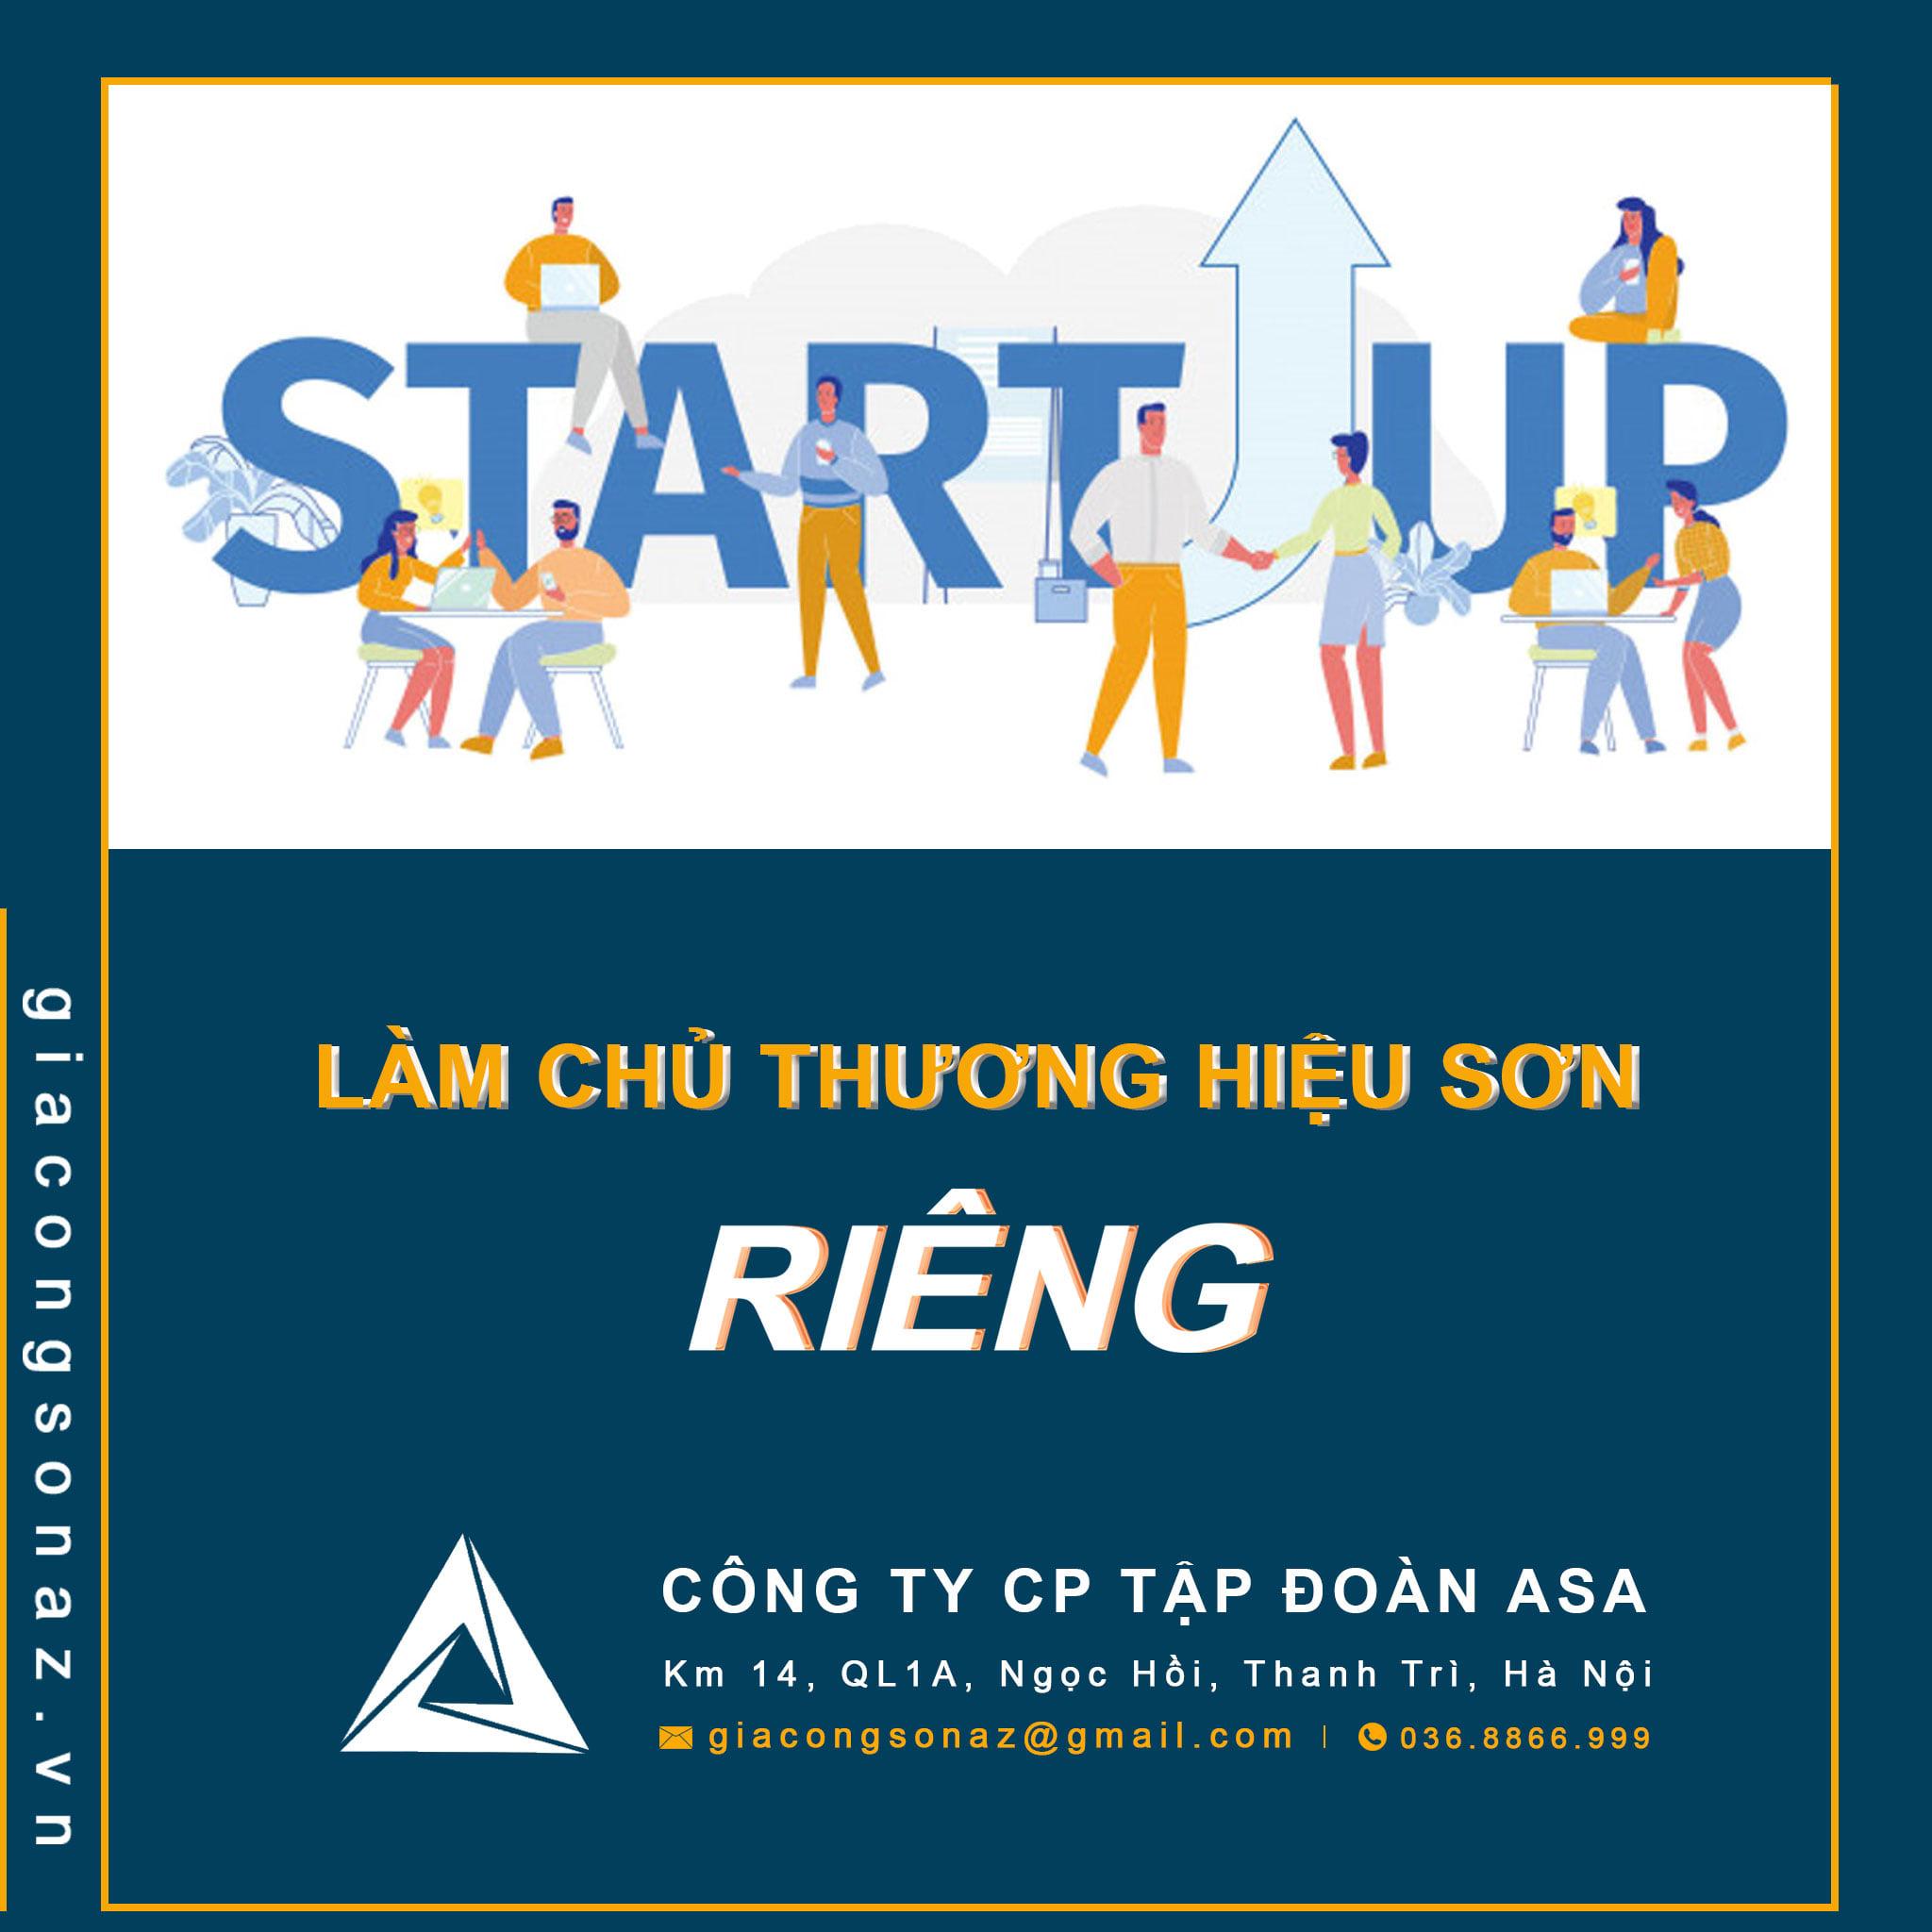 Làm chủ doanh nghiệp giá trị có thể đến trên 10 tỷ chỉ từ 150 triệu | Kinhdoanh247.vn